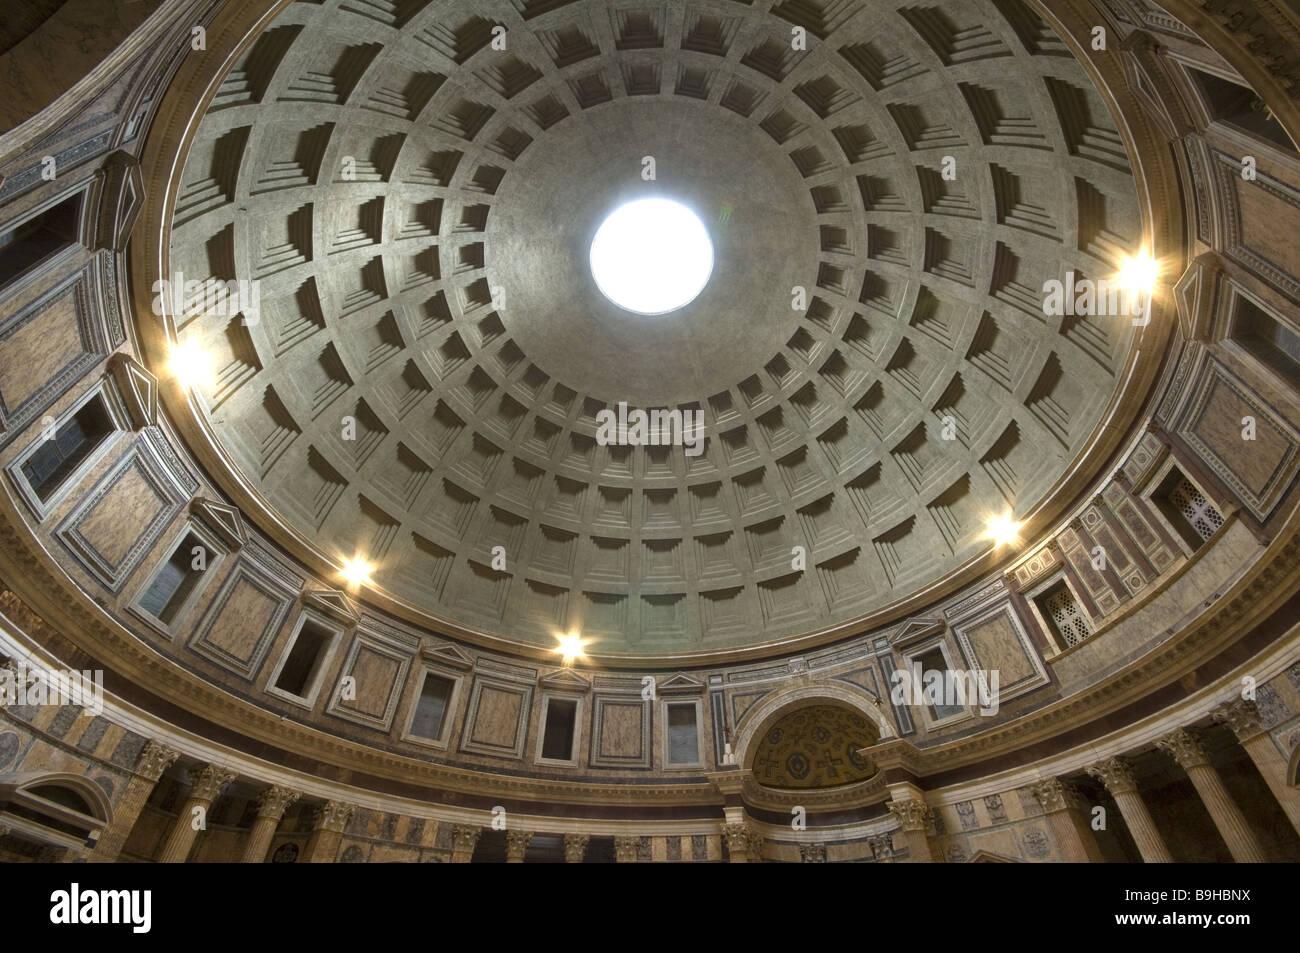 Italie Rome Panthéon vue intérieure dome Architecture construction ...